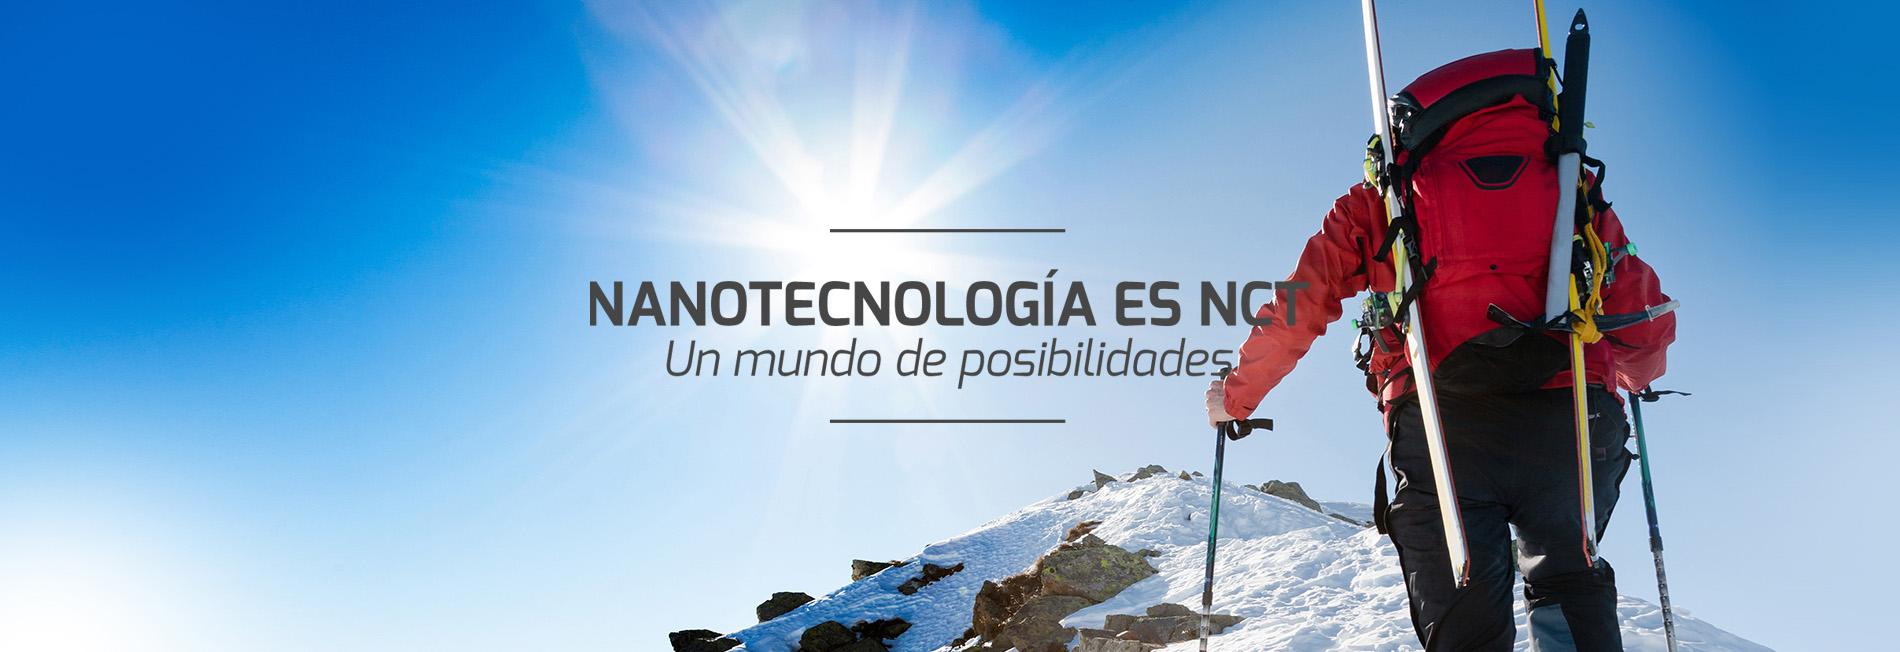 Nanotecnología es NCT